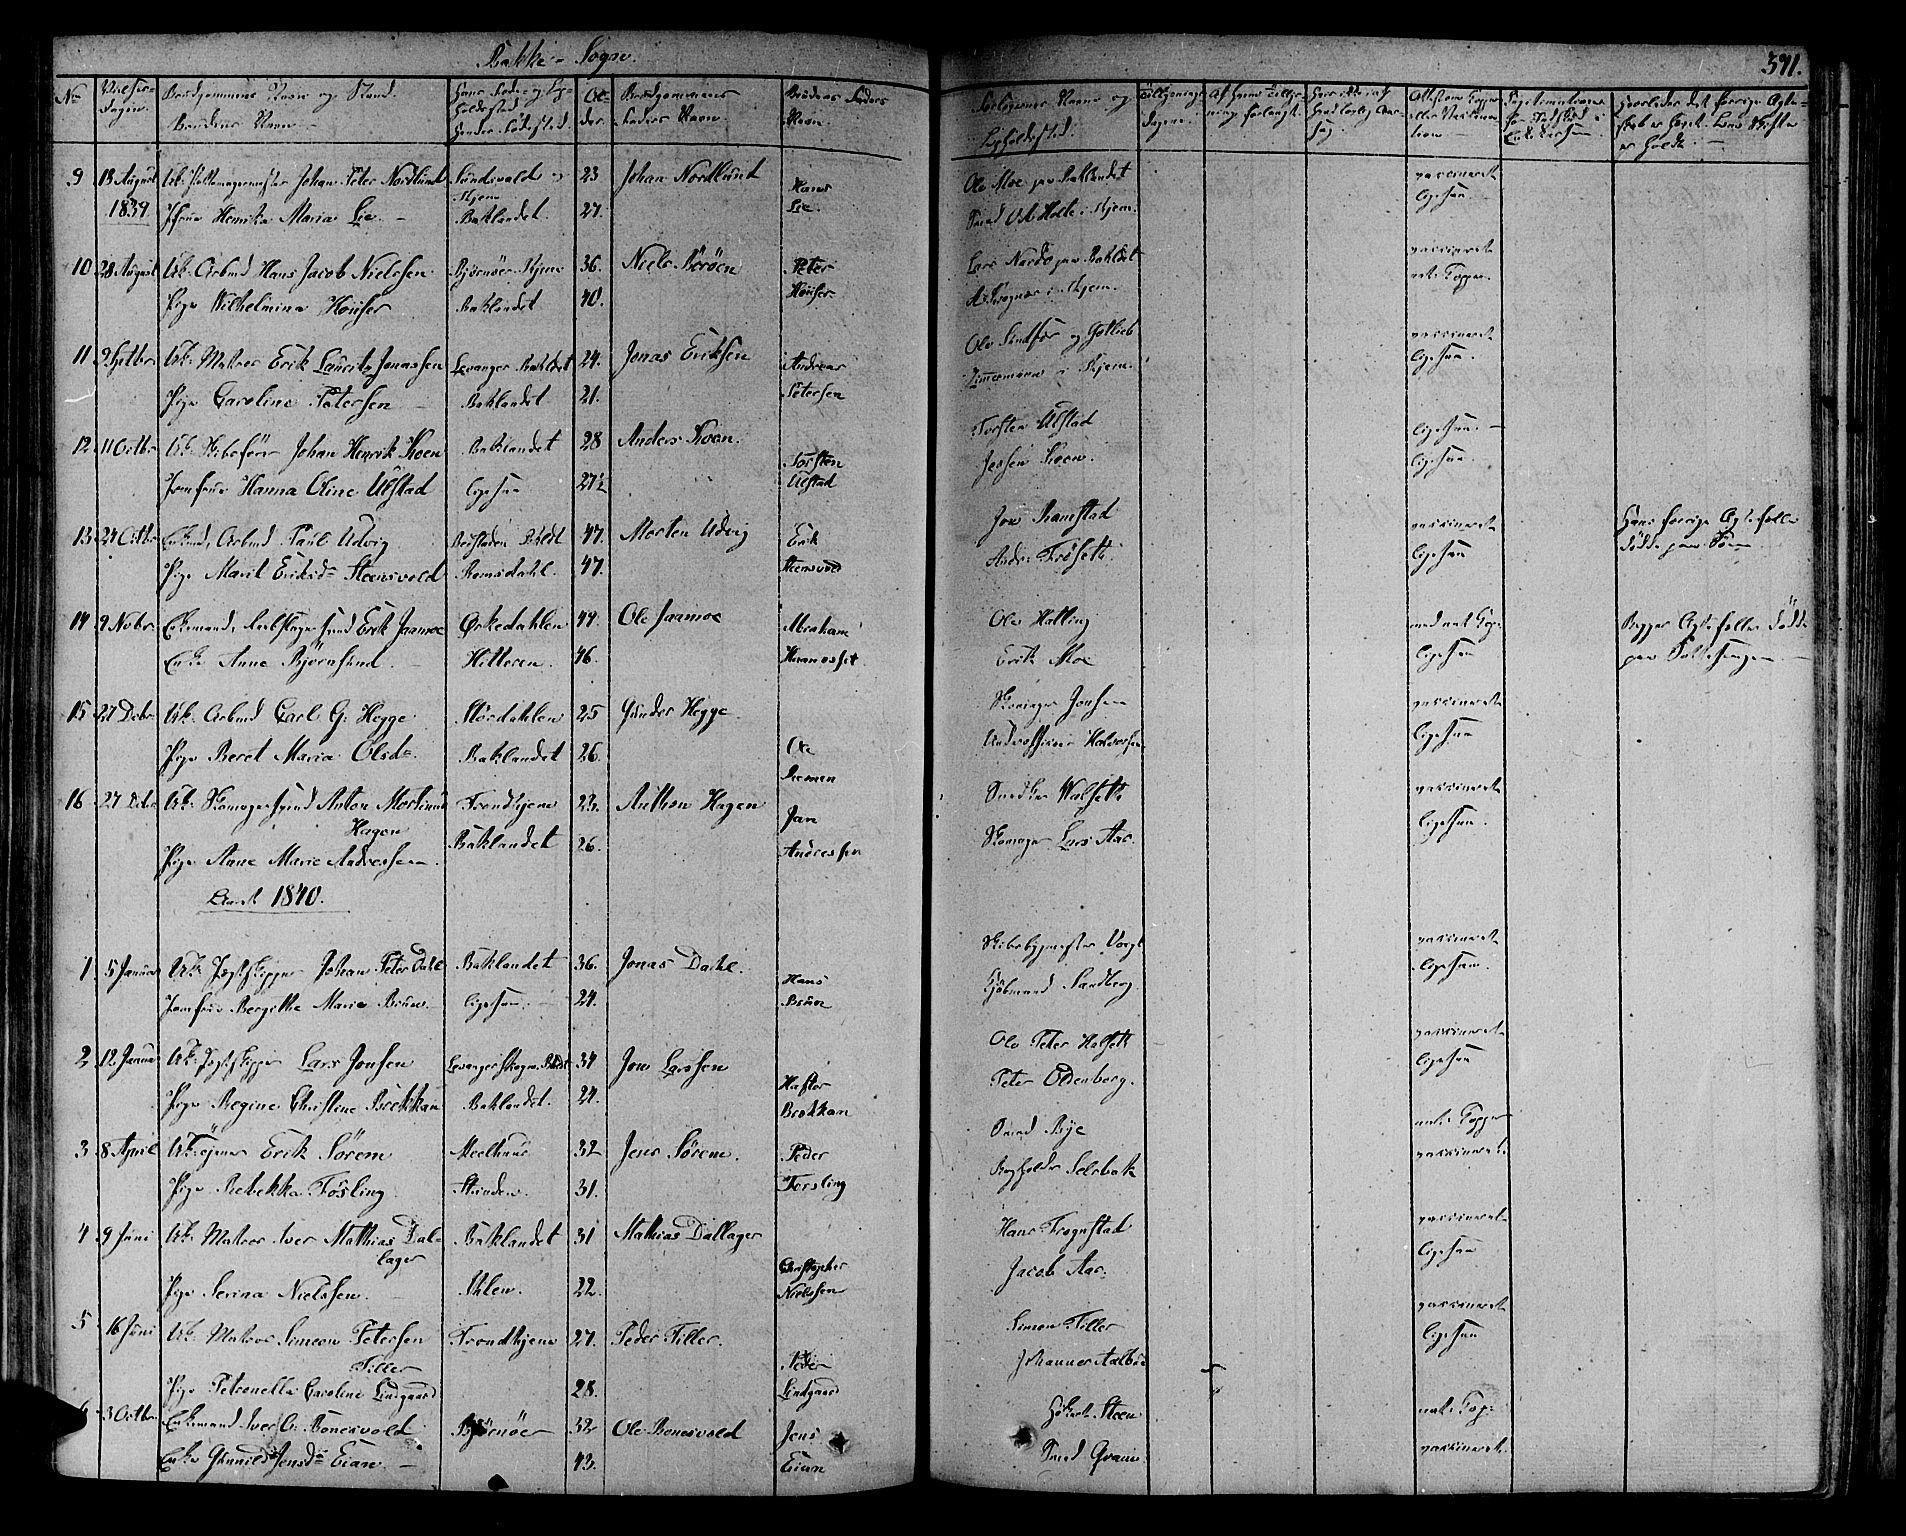 SAT, Ministerialprotokoller, klokkerbøker og fødselsregistre - Sør-Trøndelag, 606/L0287: Ministerialbok nr. 606A04 /2, 1826-1840, s. 371